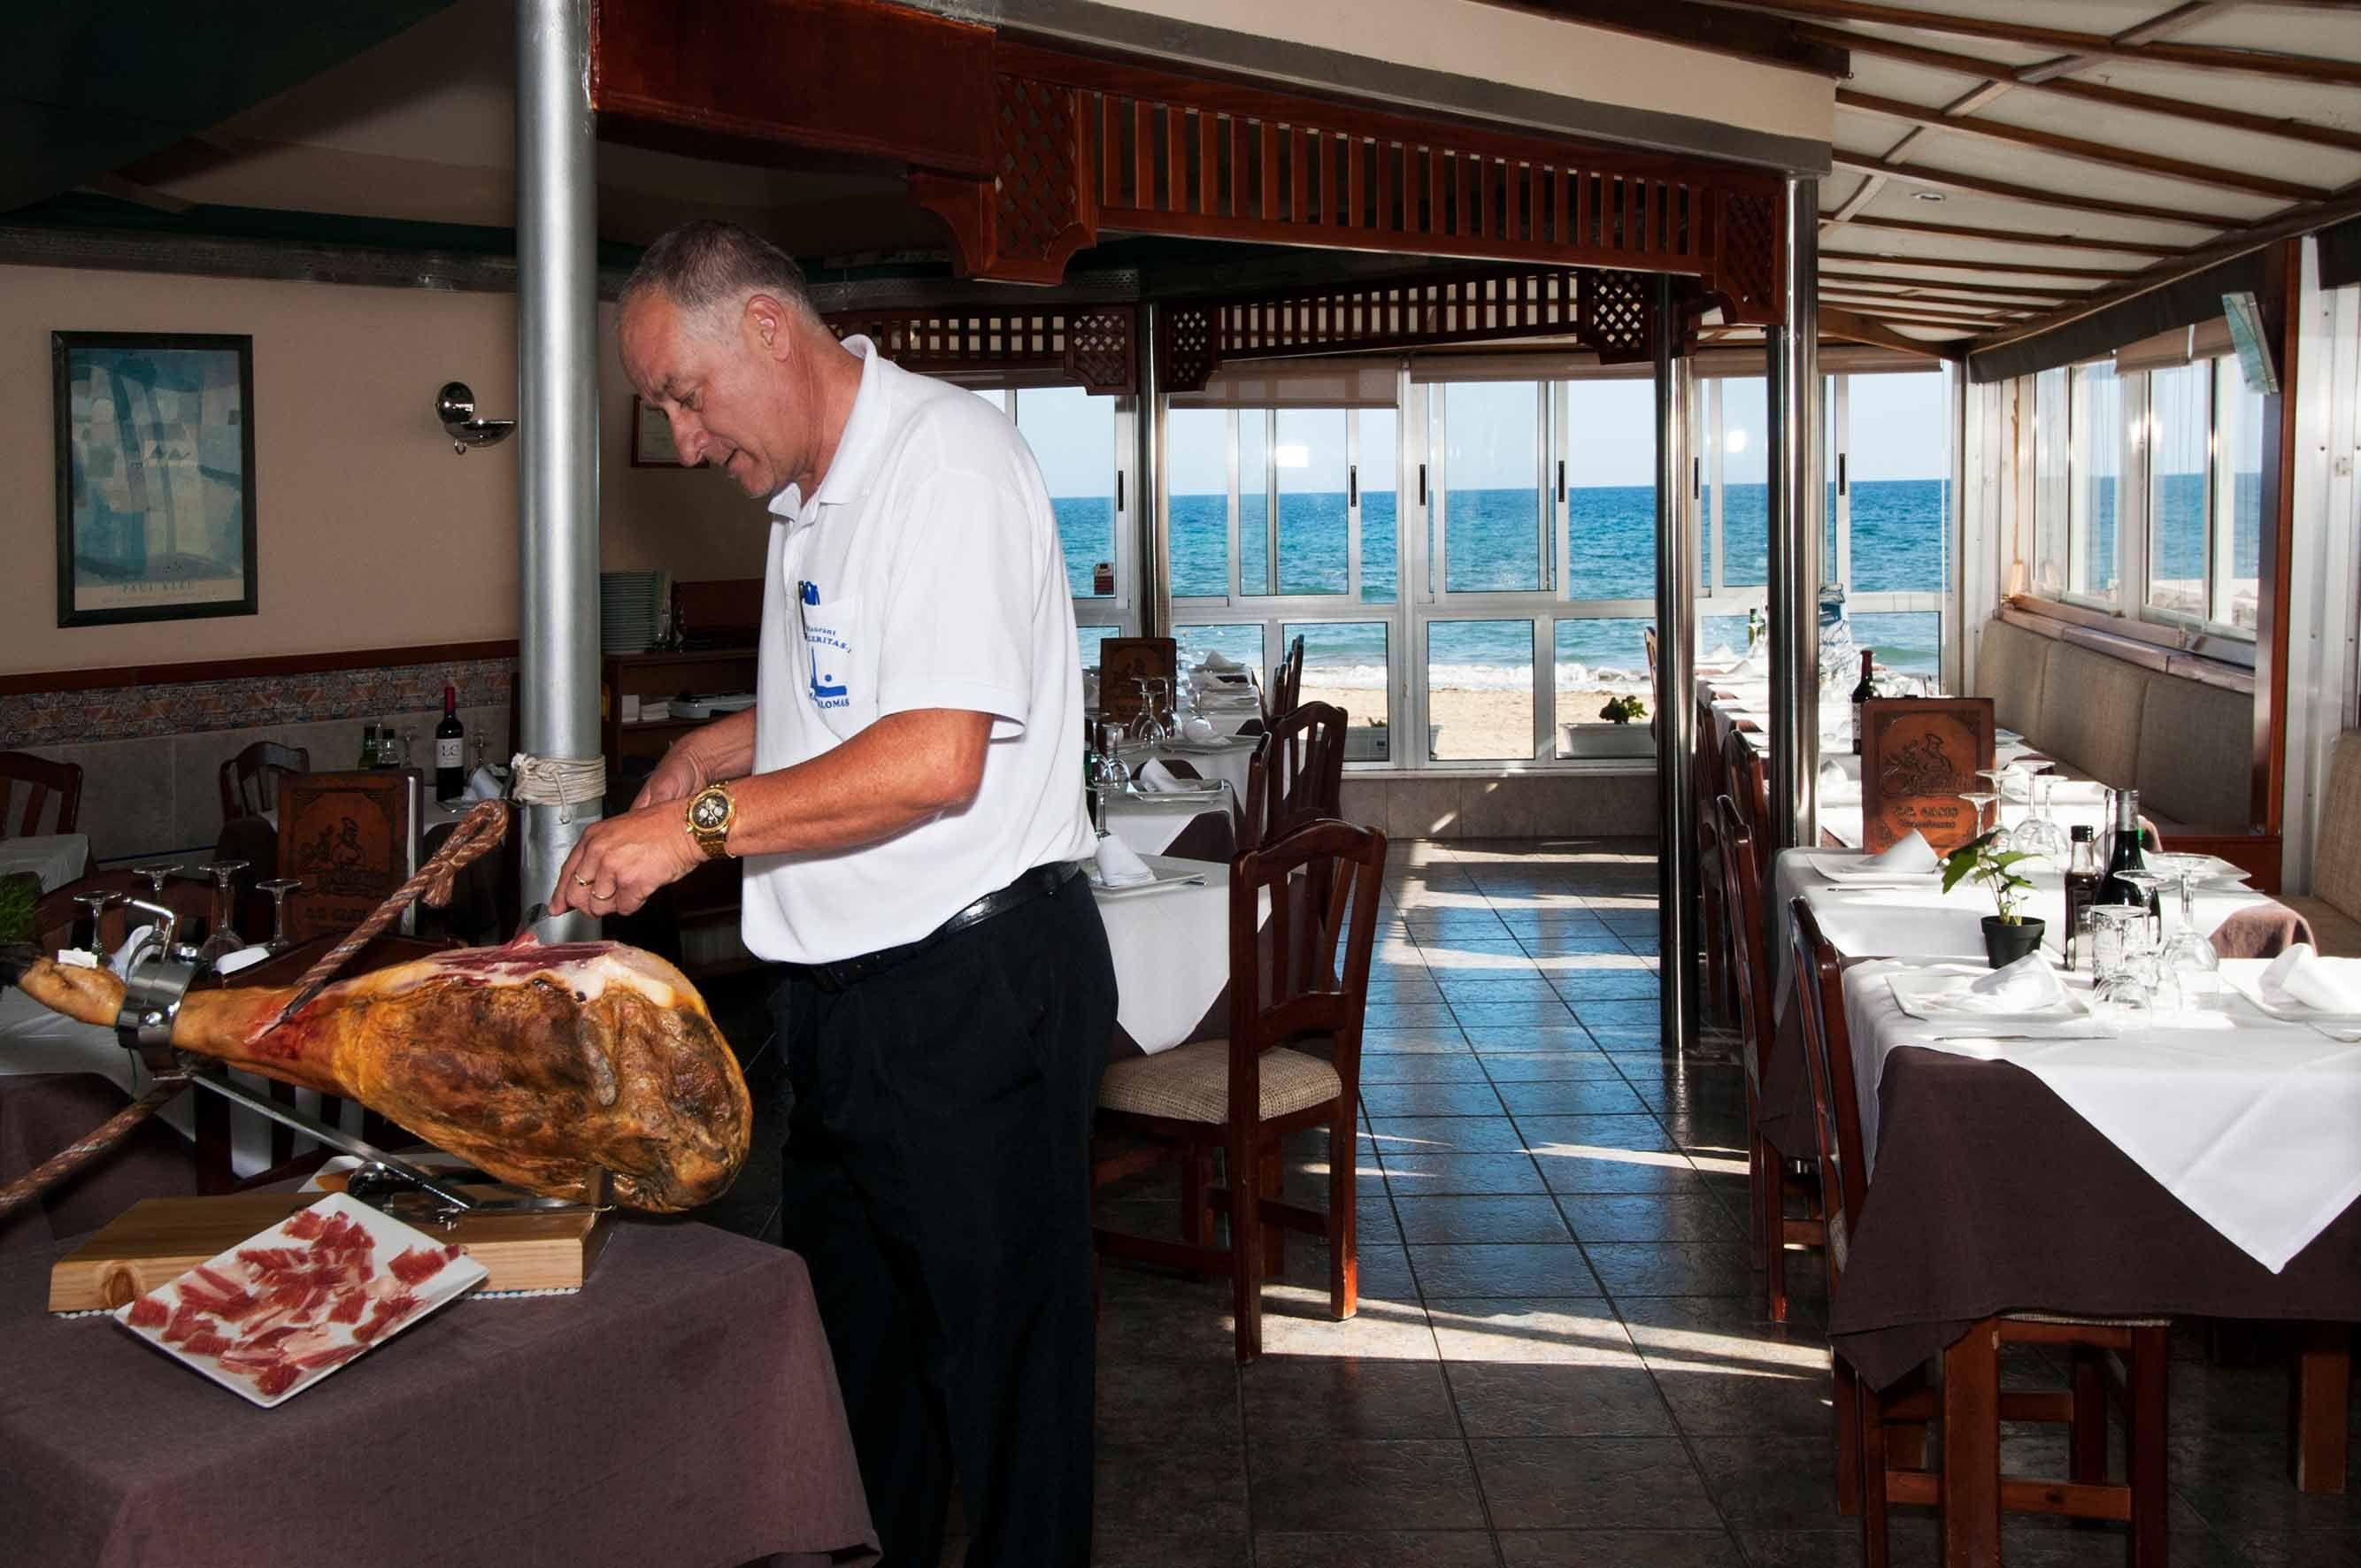 Foto 10 de International kitchen en Maspalomas | Restaurante Escaleritas